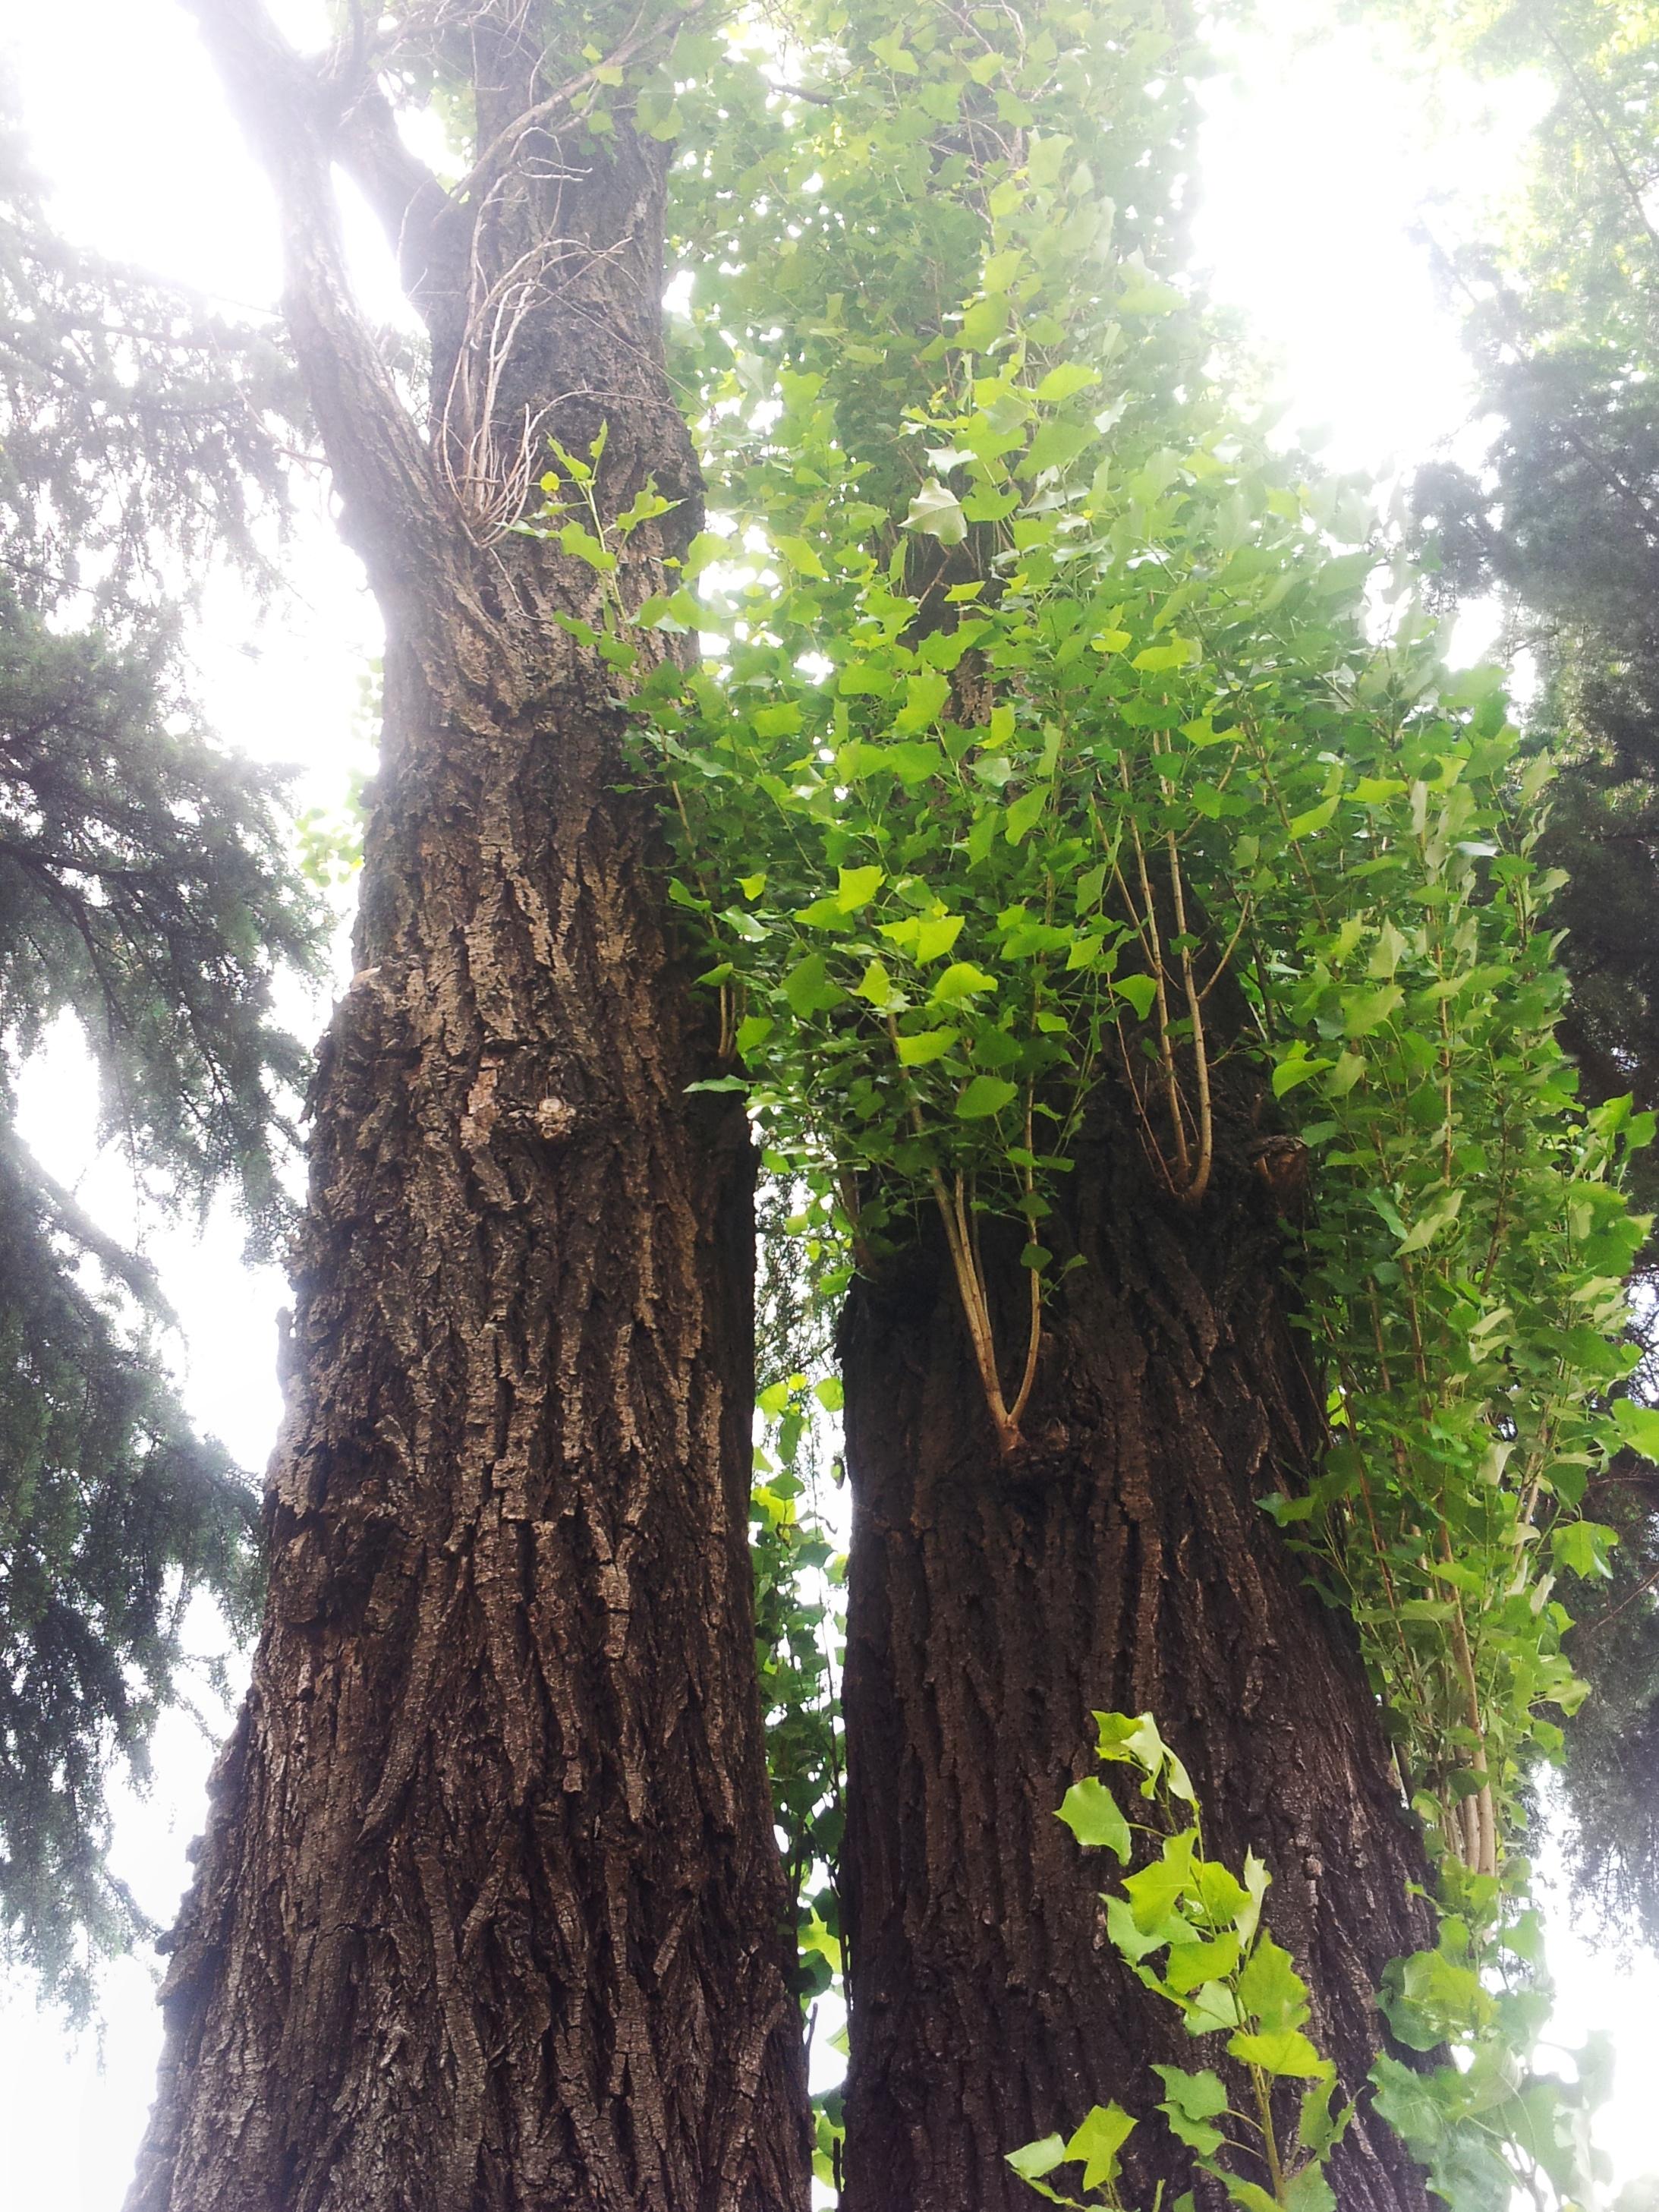 나무덩쿨 고목 나무 줄기 봄 숲 나뭇잎 자연 햇살 포토샵 뽀샤시 오크 태양 기분 좋은 숲 무료이미지